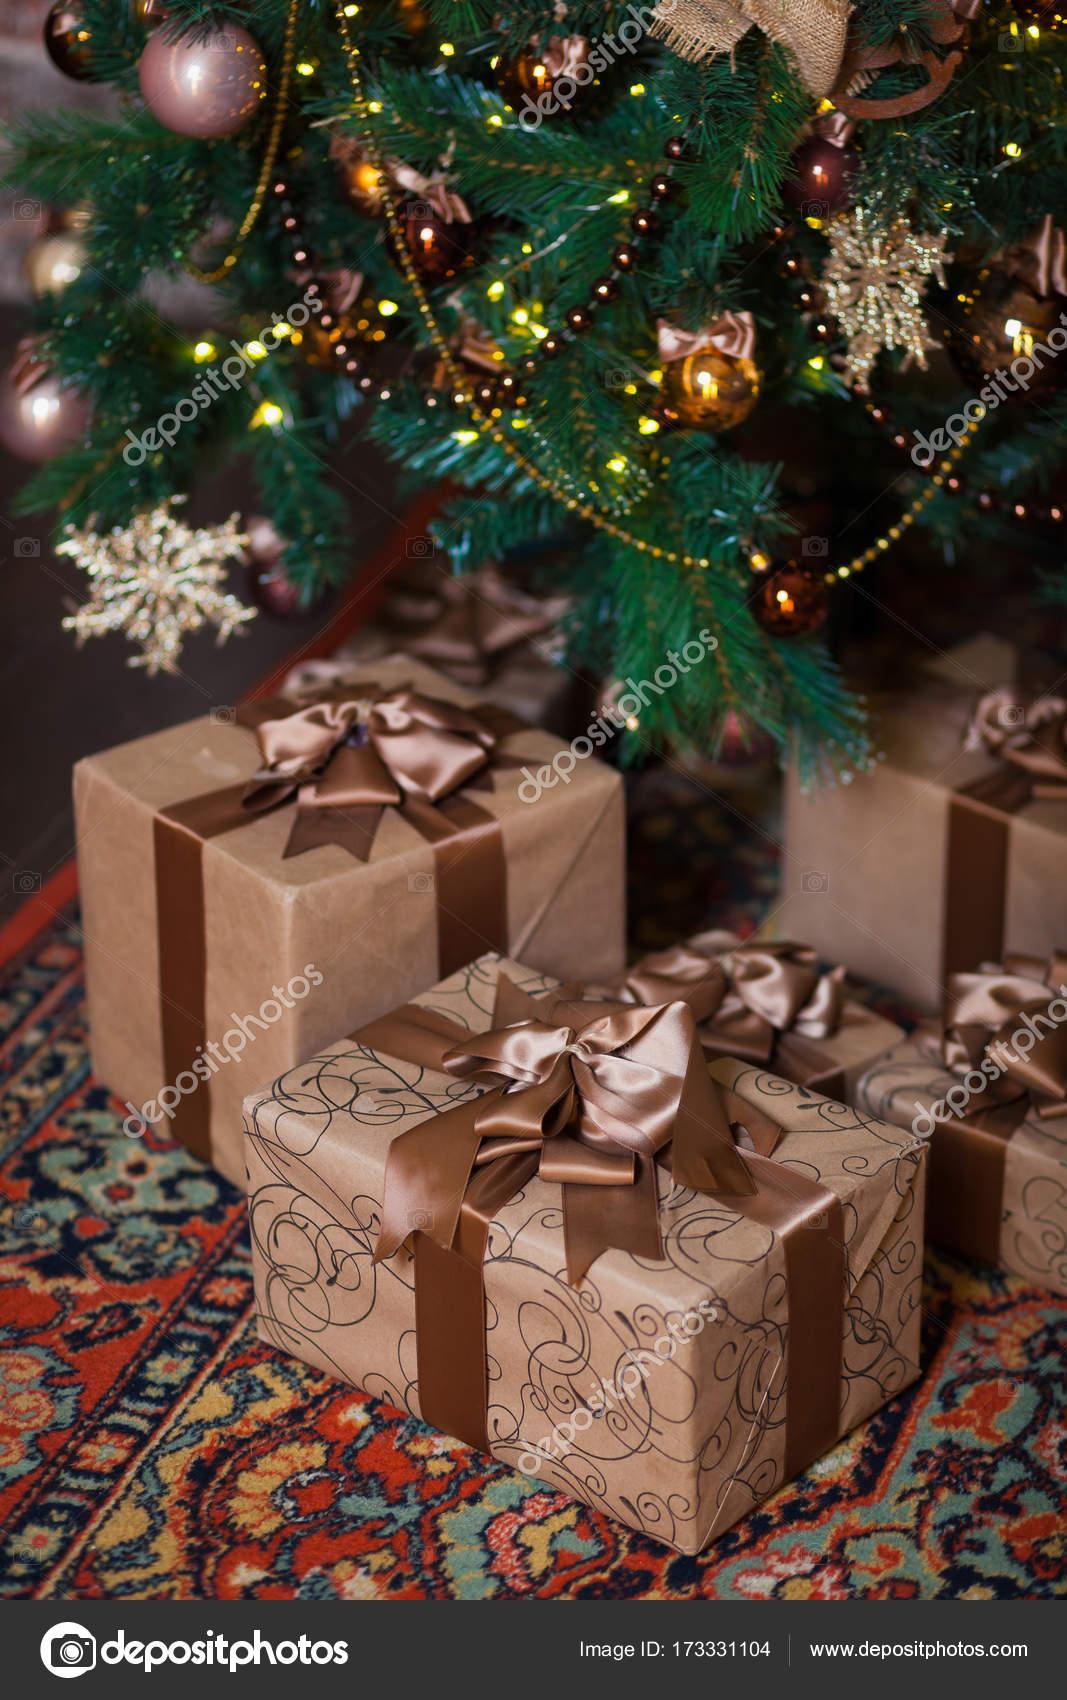 Regali Di Natale Oggettistica.Scatole Marroni Con I Regali Di Natale Sullo Sfondo Di Un